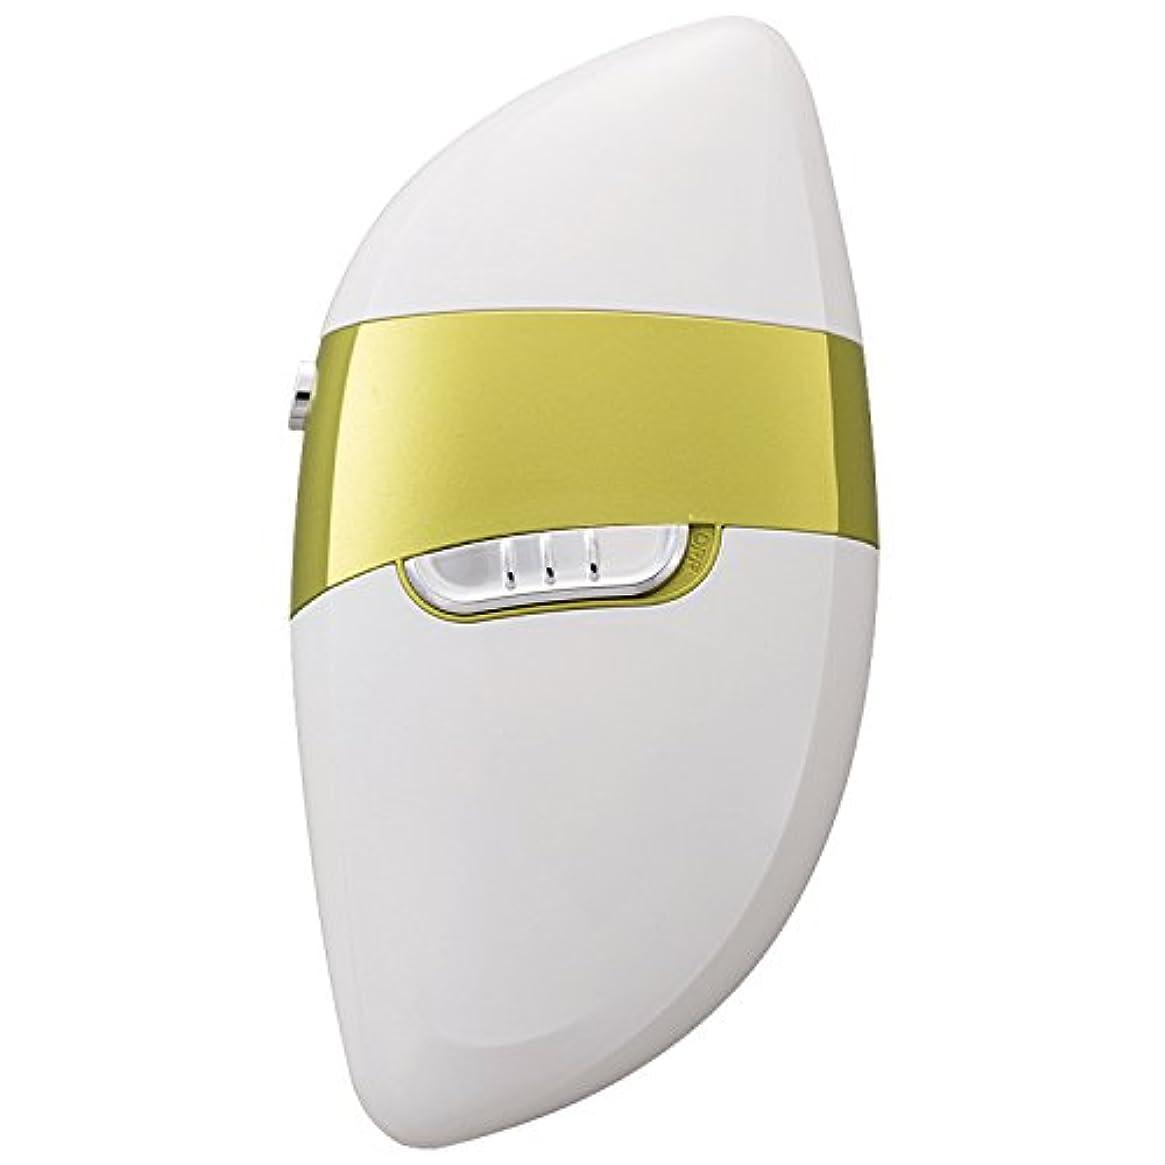 すべきミント対抗マリン商事 電動爪切り Leaf 角質ローラー付 EL-50176